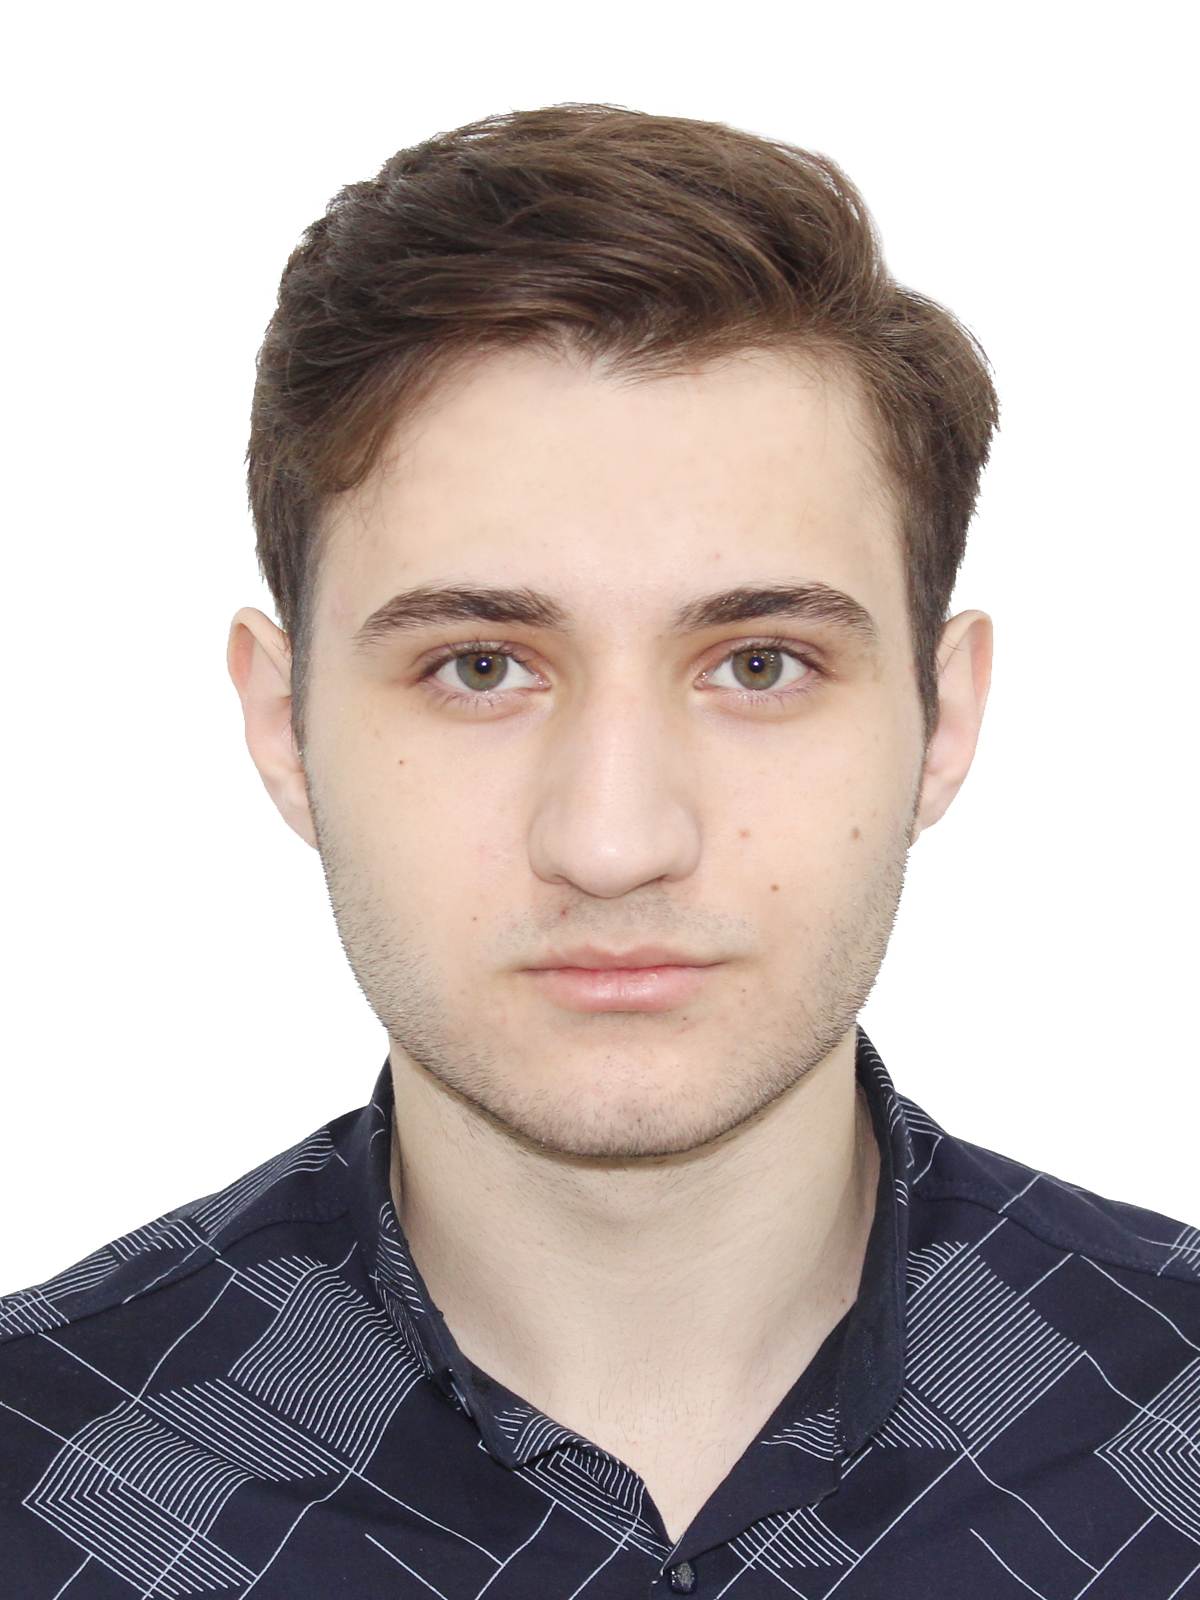 Qafar Sadiqov